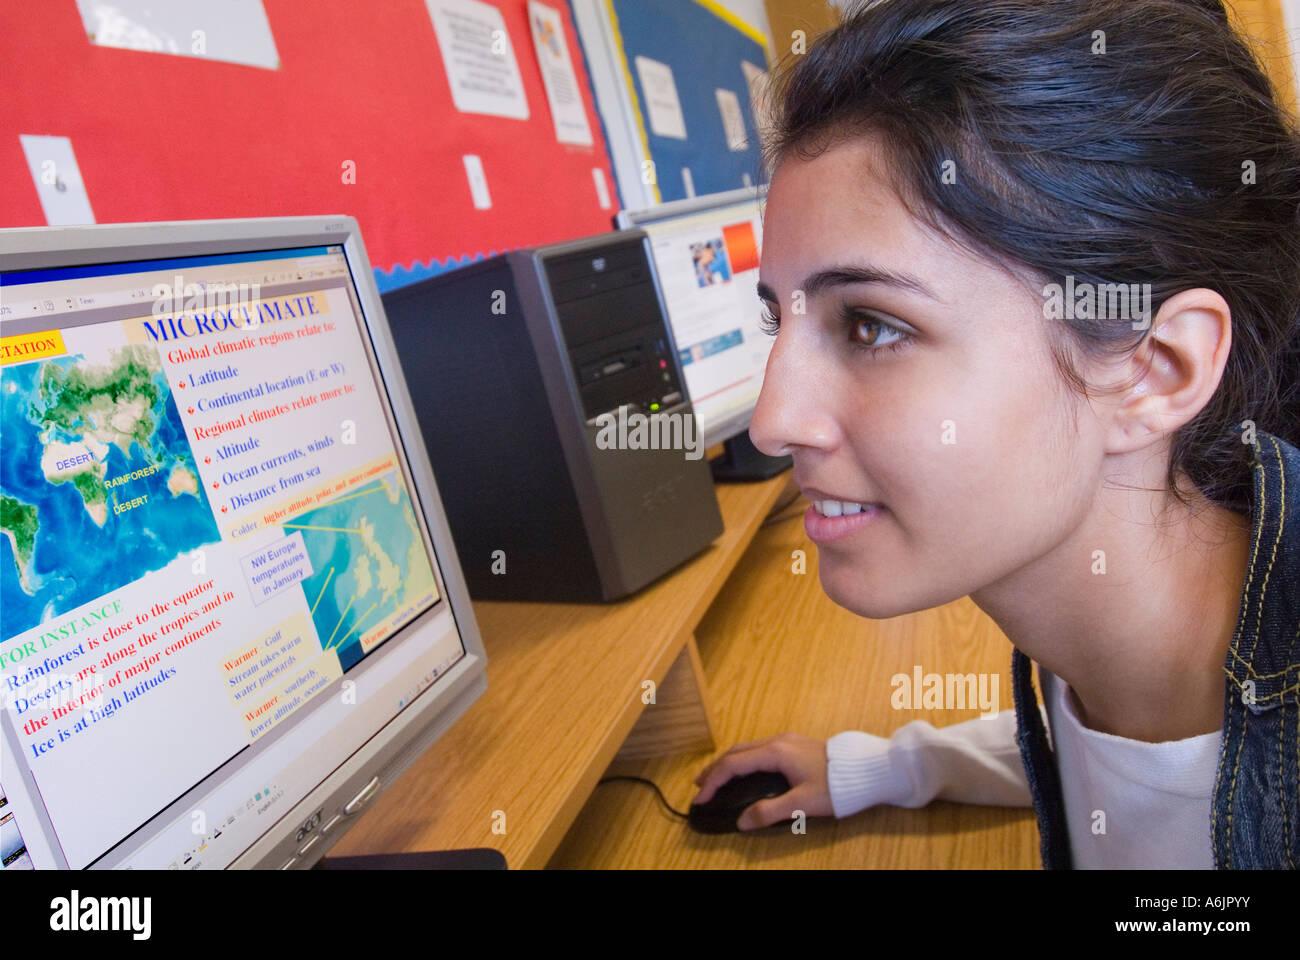 Jolie asian teenage girl étudiante travaillant à son écran d'étudier les questions climatiques Photo Stock